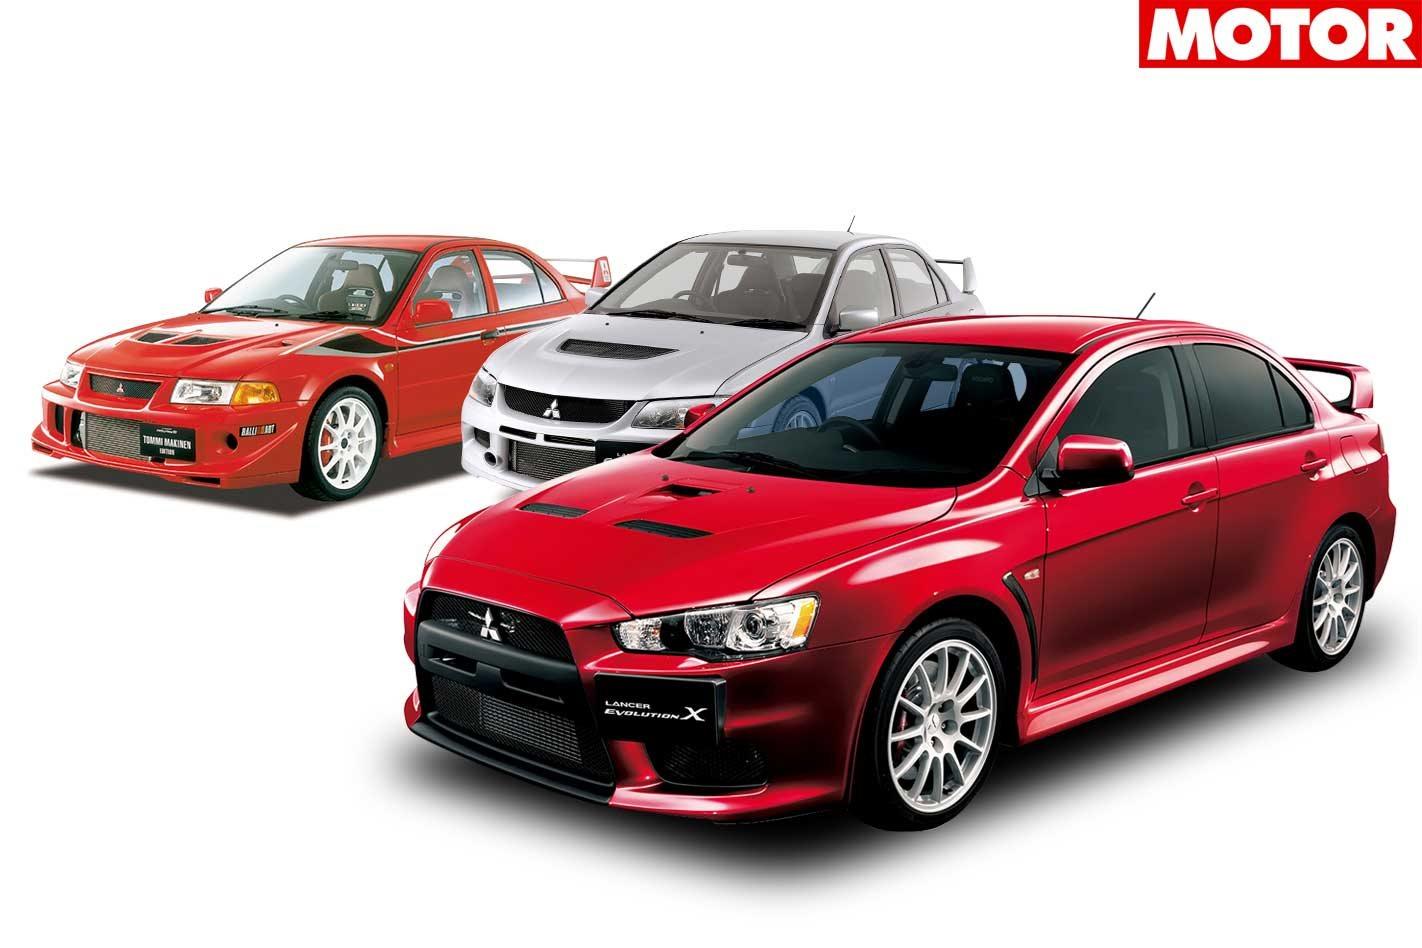 Mitsubishi Evolution X Vs Evo Vi Tme Vs Evo Ix On Track Classic Motor